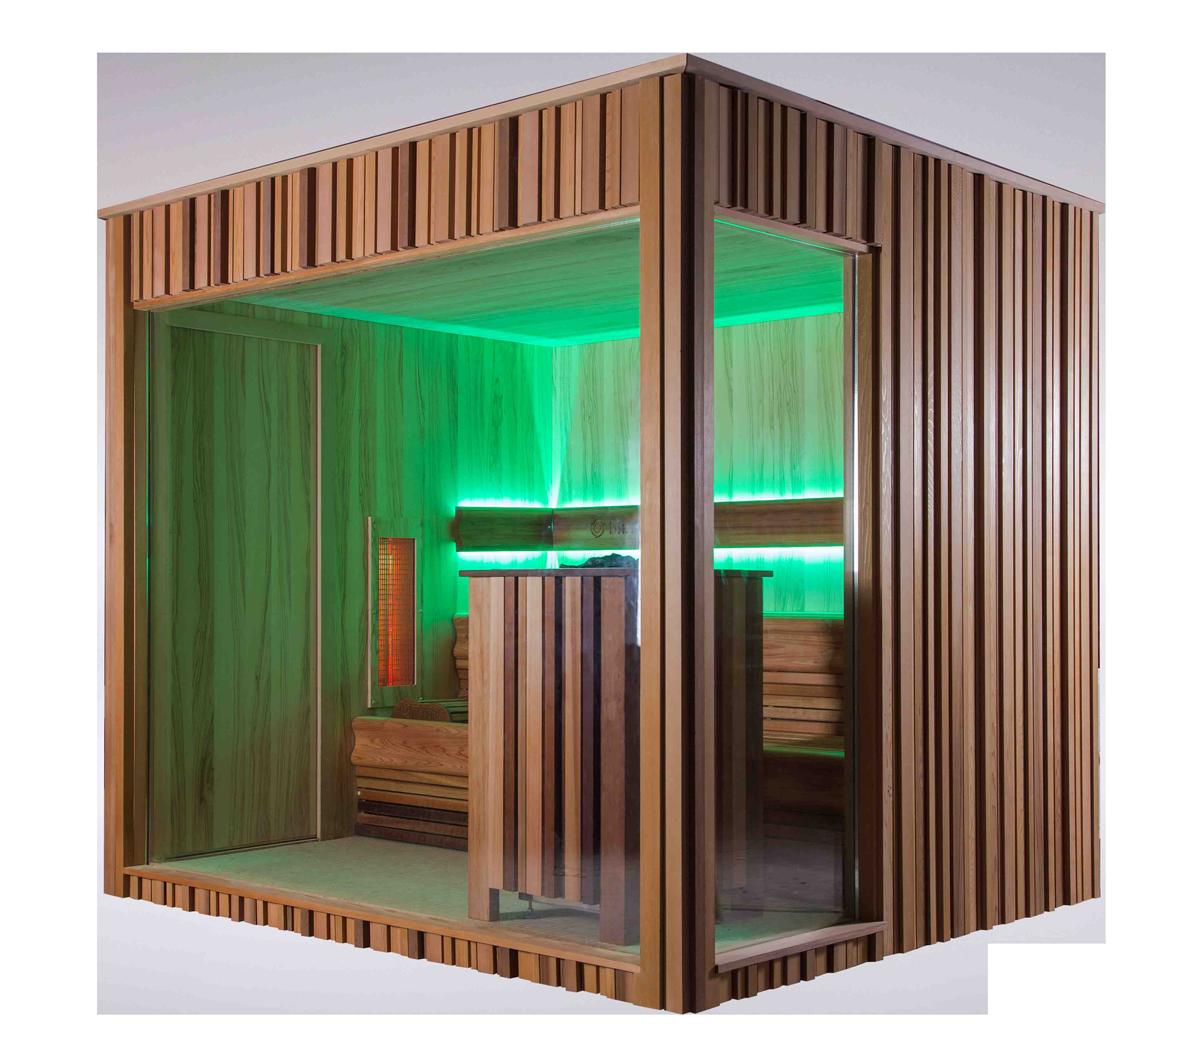 Full Size of Cube Auensauna Dr Kern Onlineshop Wohnzimmer Außensauna Wandaufbau